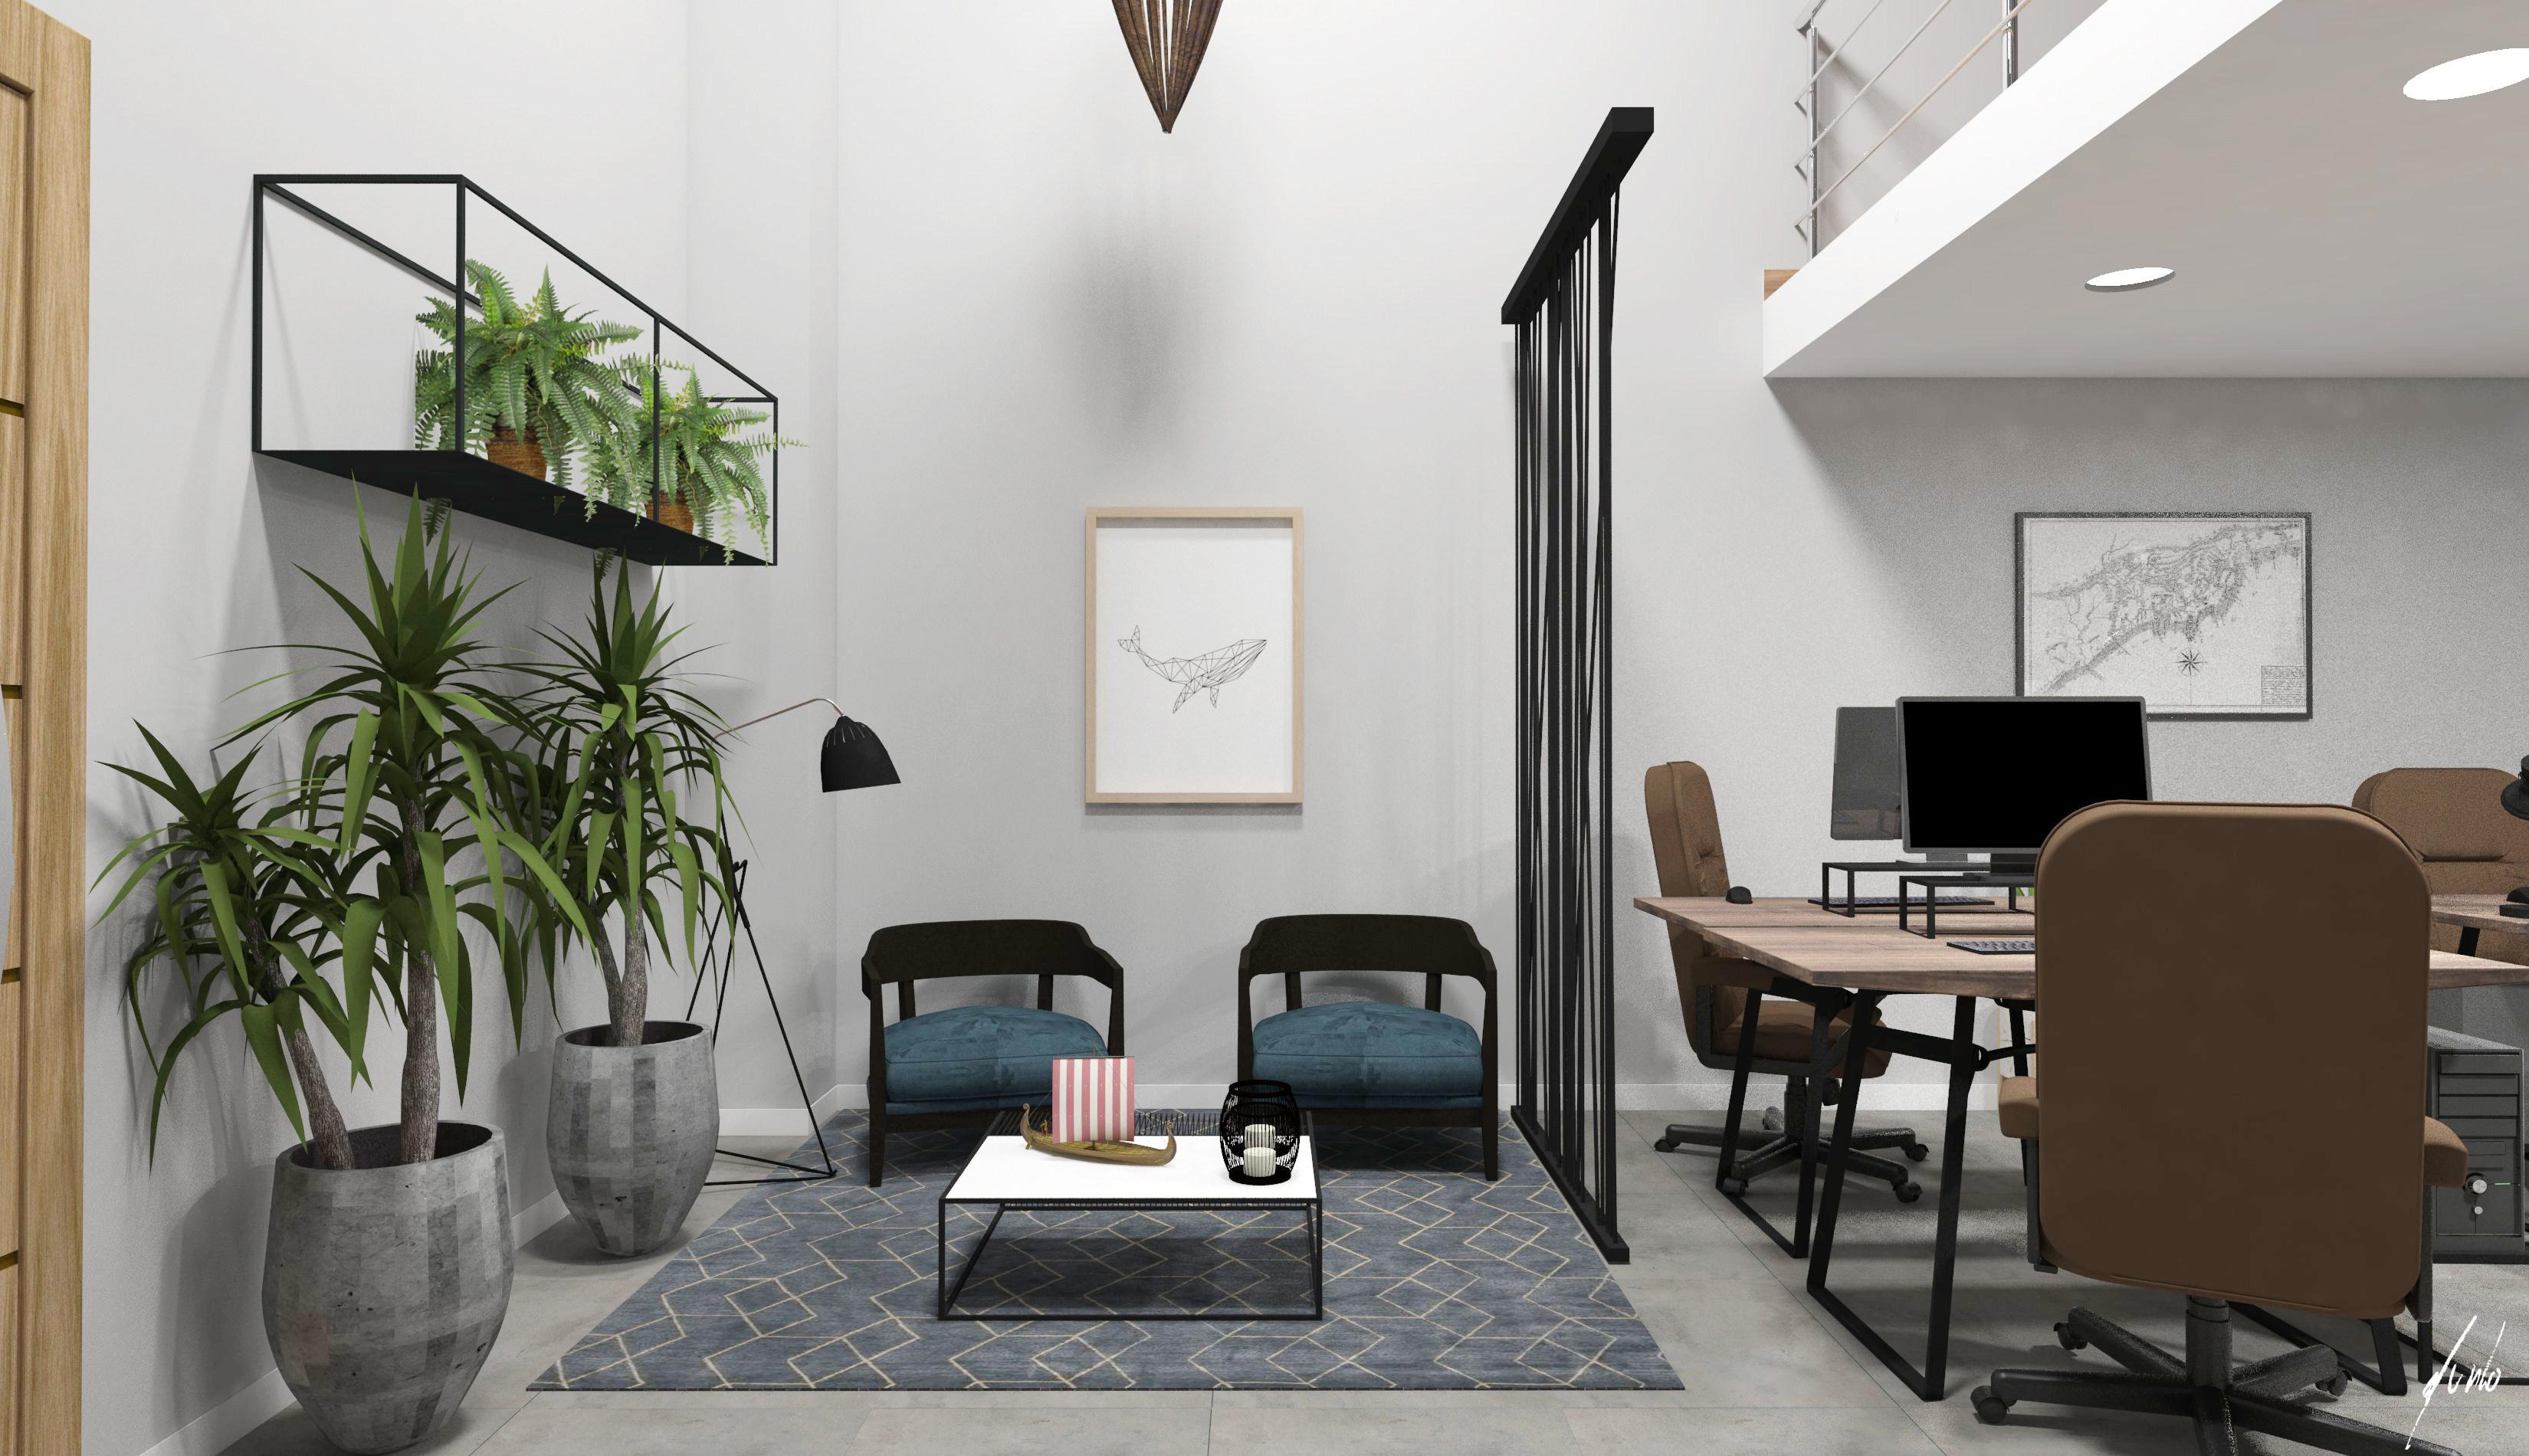 Projeto de design e decoracao para escritorio um escritorio muito moderno em paranagua - madeiras, ferro preto, plantas, cimento queimado, quadros - escritorios modernos 05